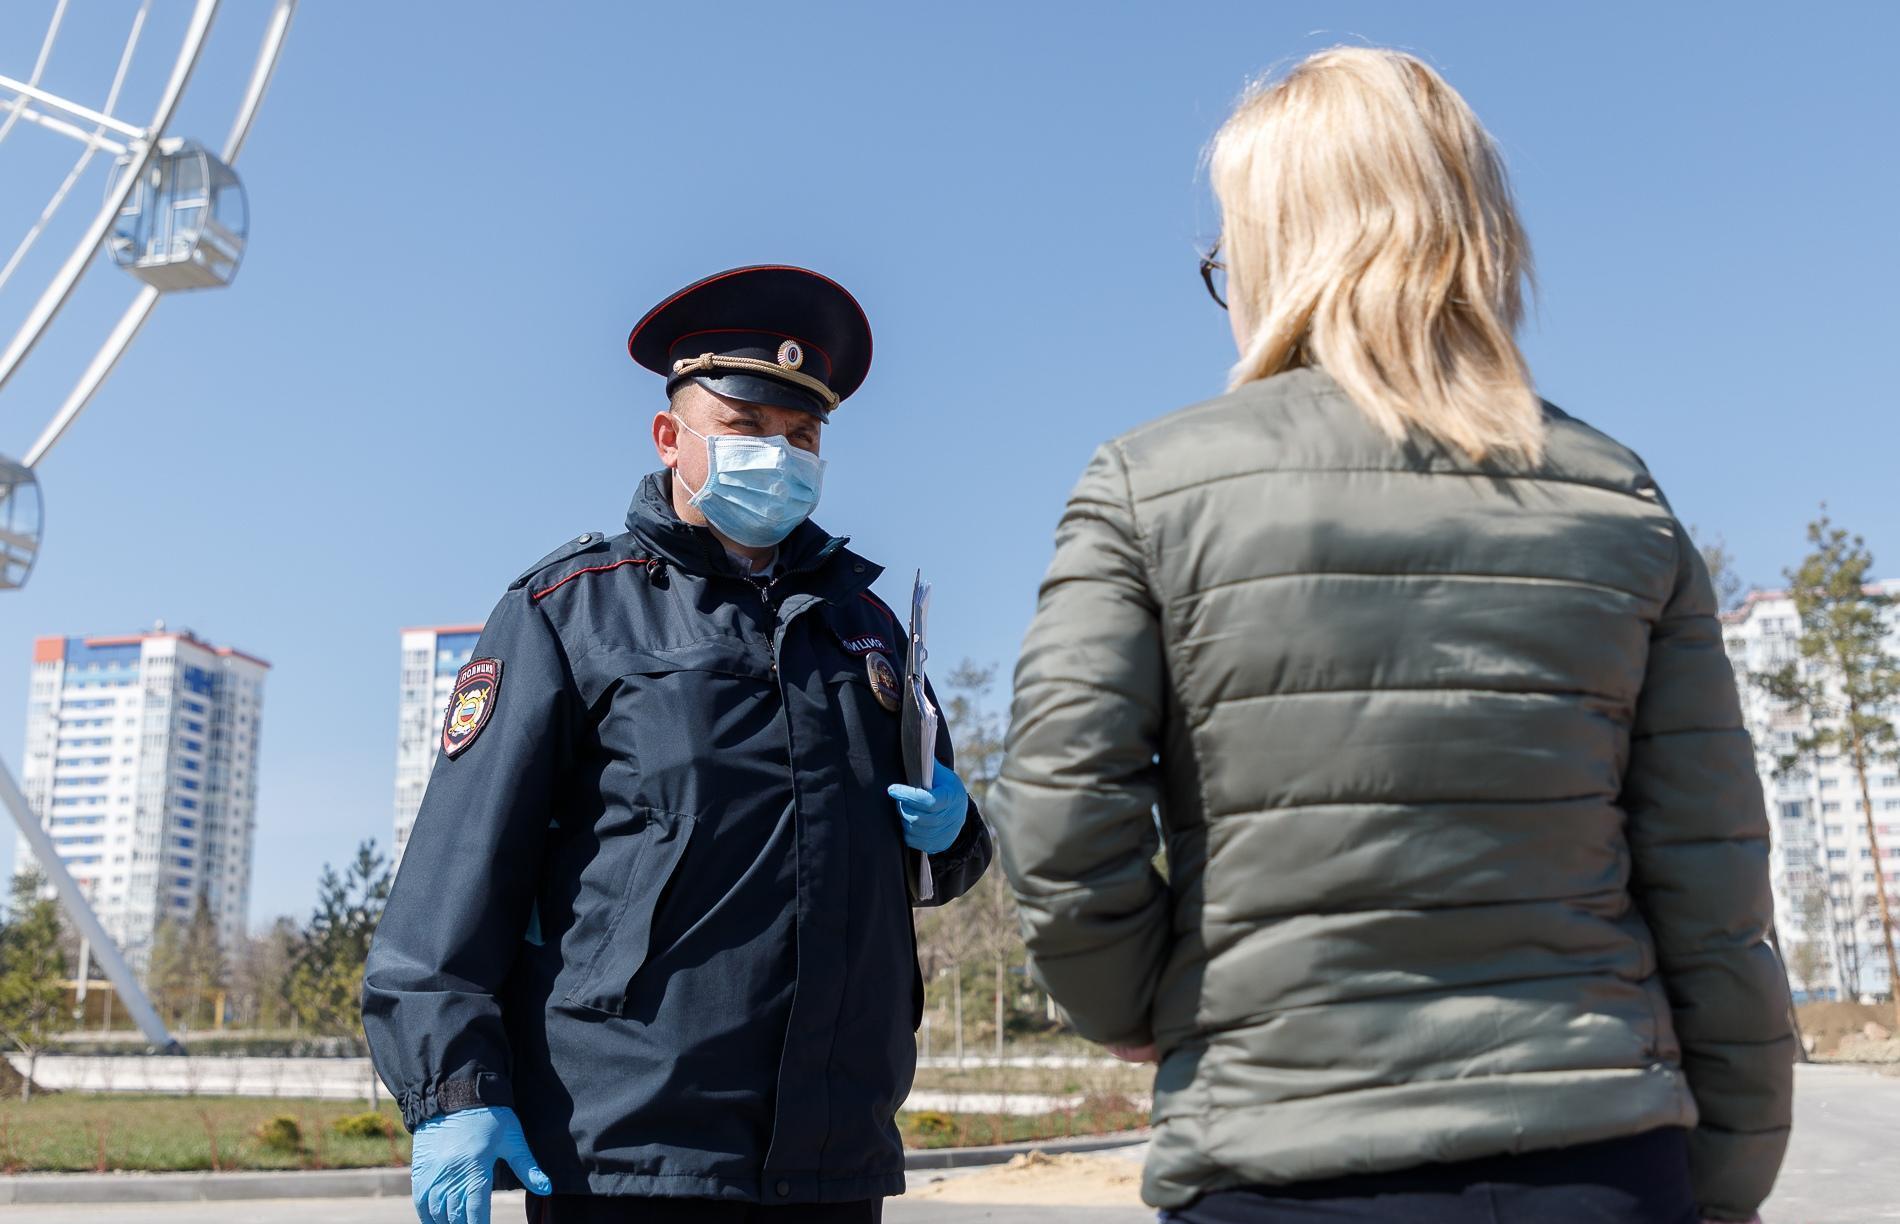 В Твери антимасочники вызвали полицию, чтобы пожаловаться на продавца, но сами оказались в отделении - новости Афанасий